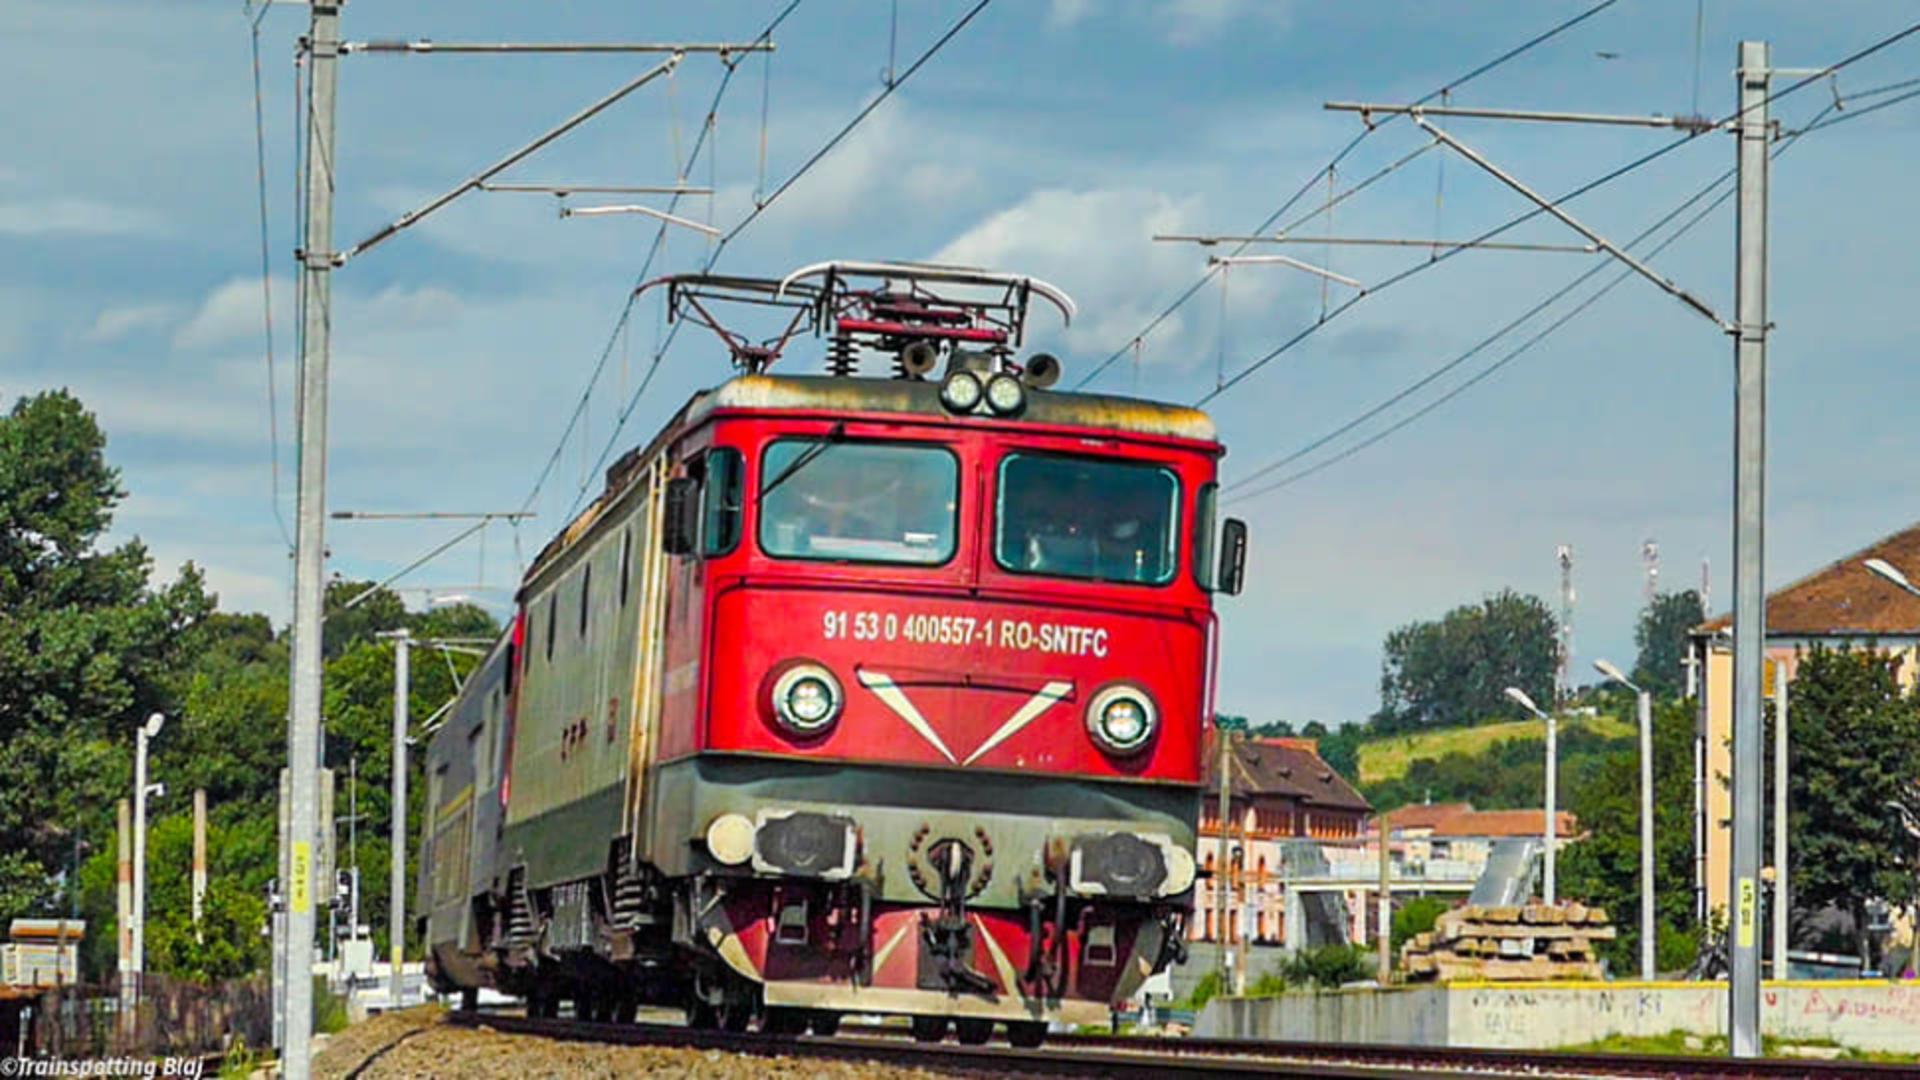 Traficul feroviar pe ruta București-Constanța a fost realuat. Foto: Facebook